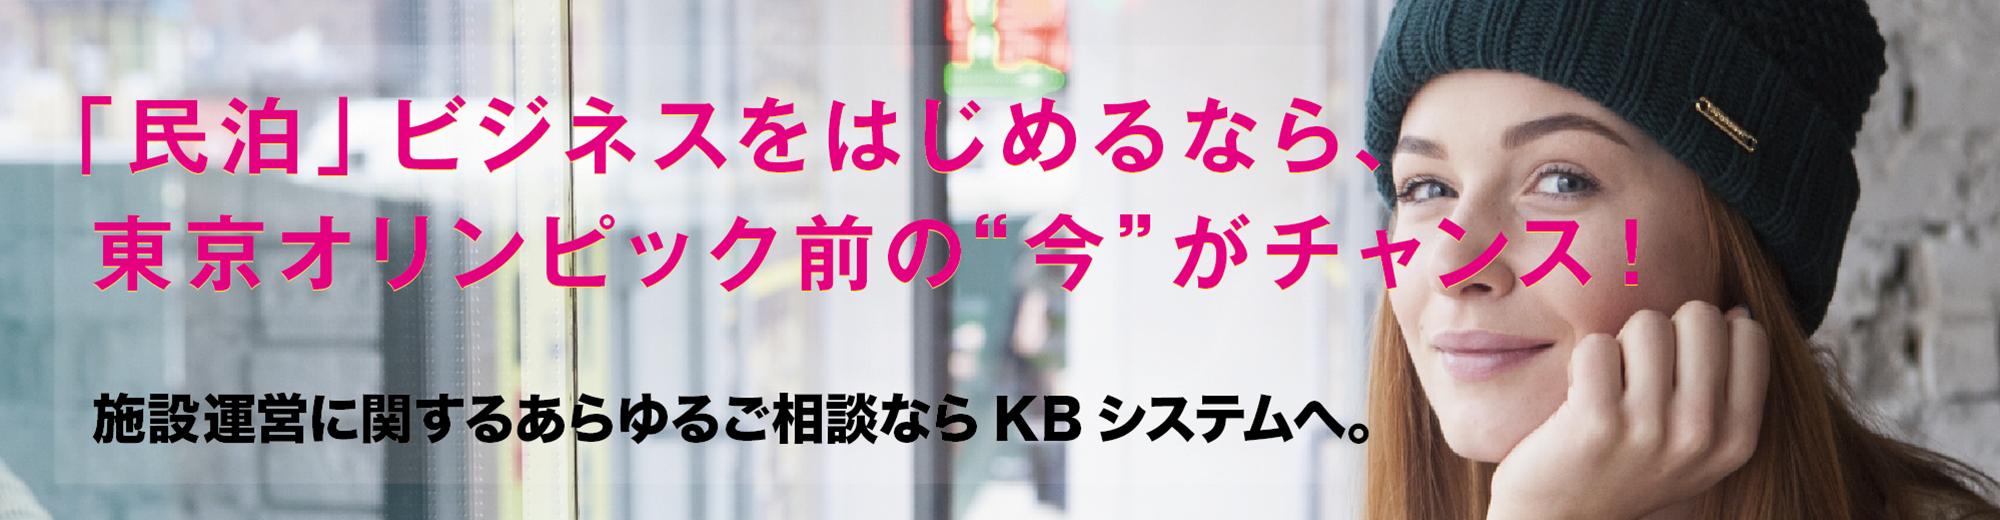 「民泊」ビジネスをはじめるなら、東京オリンピック前の今がチャンス!